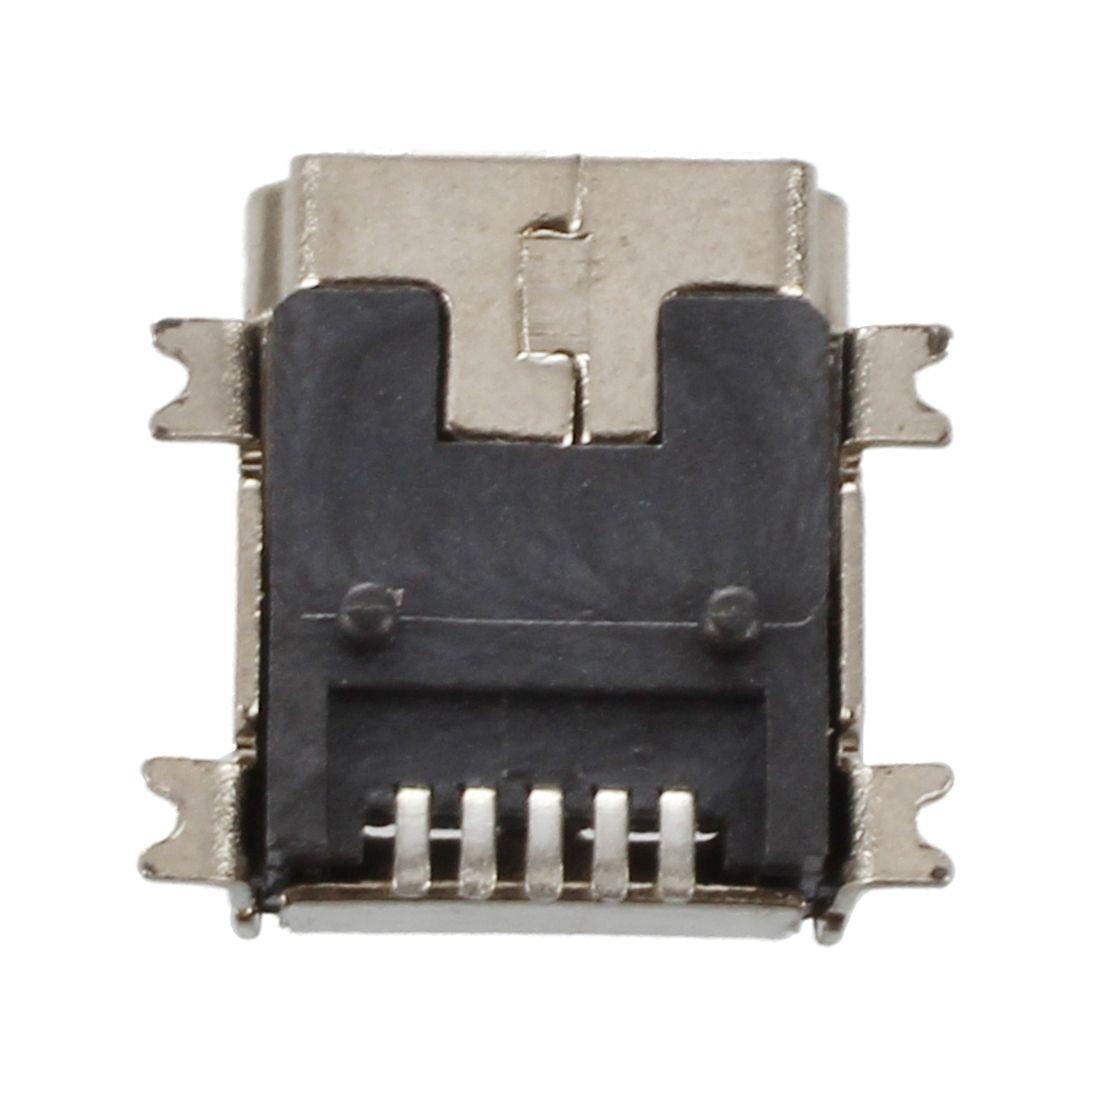 Hhtl-замена мини Тип USB B Женский 5 Булавки печатной платы крепление Jack Зарядное устройство Разъем 10 шт.